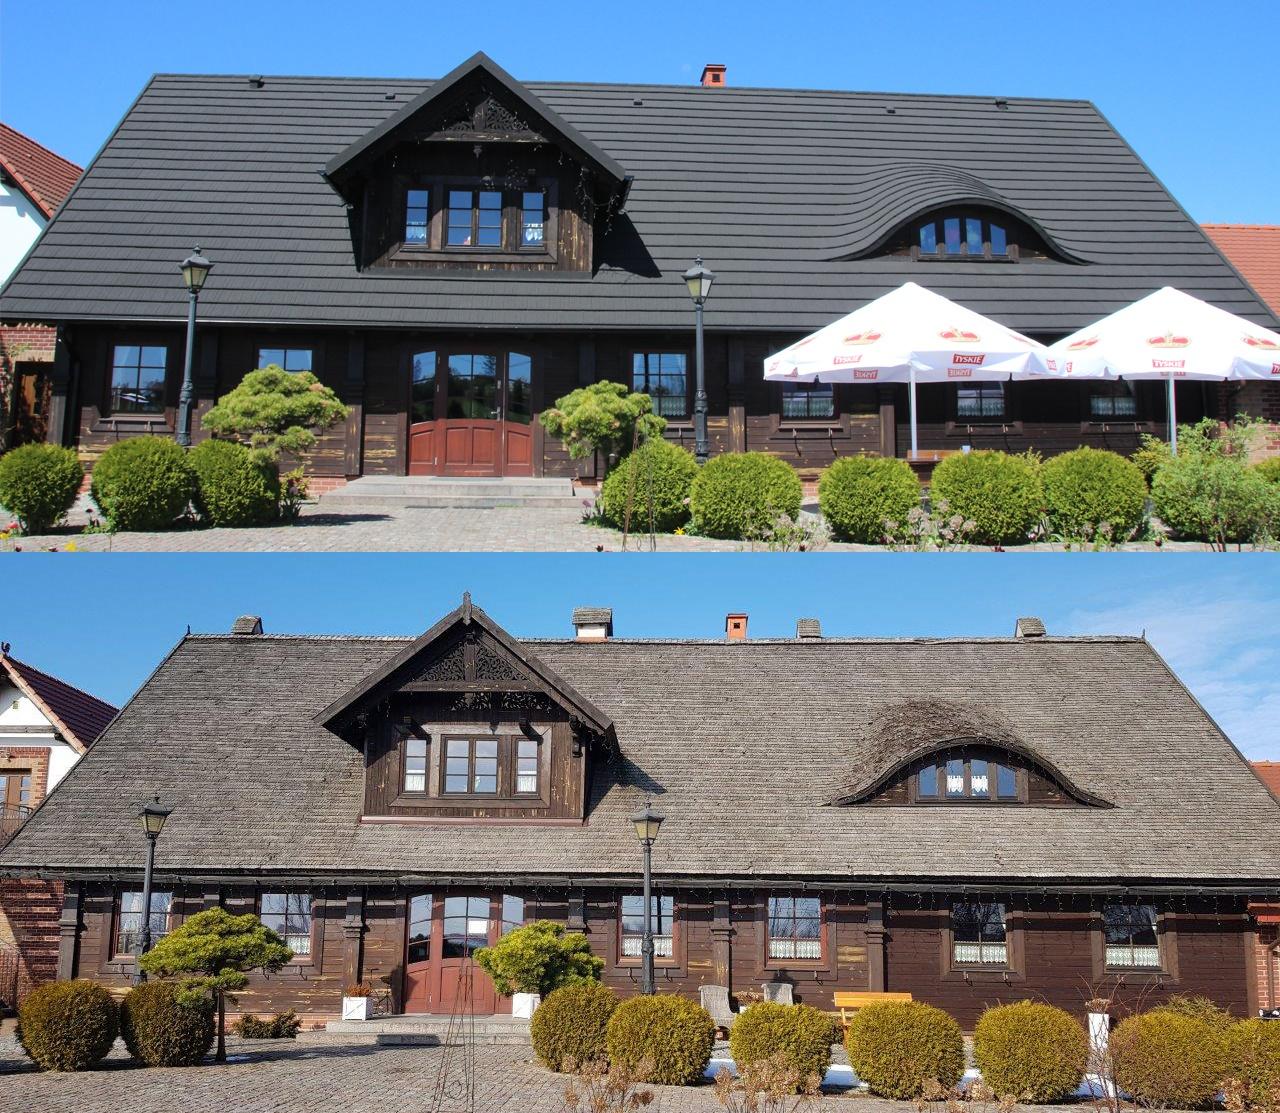 Shake Roof for Buffalo eye dormer restaurant Hillary 3